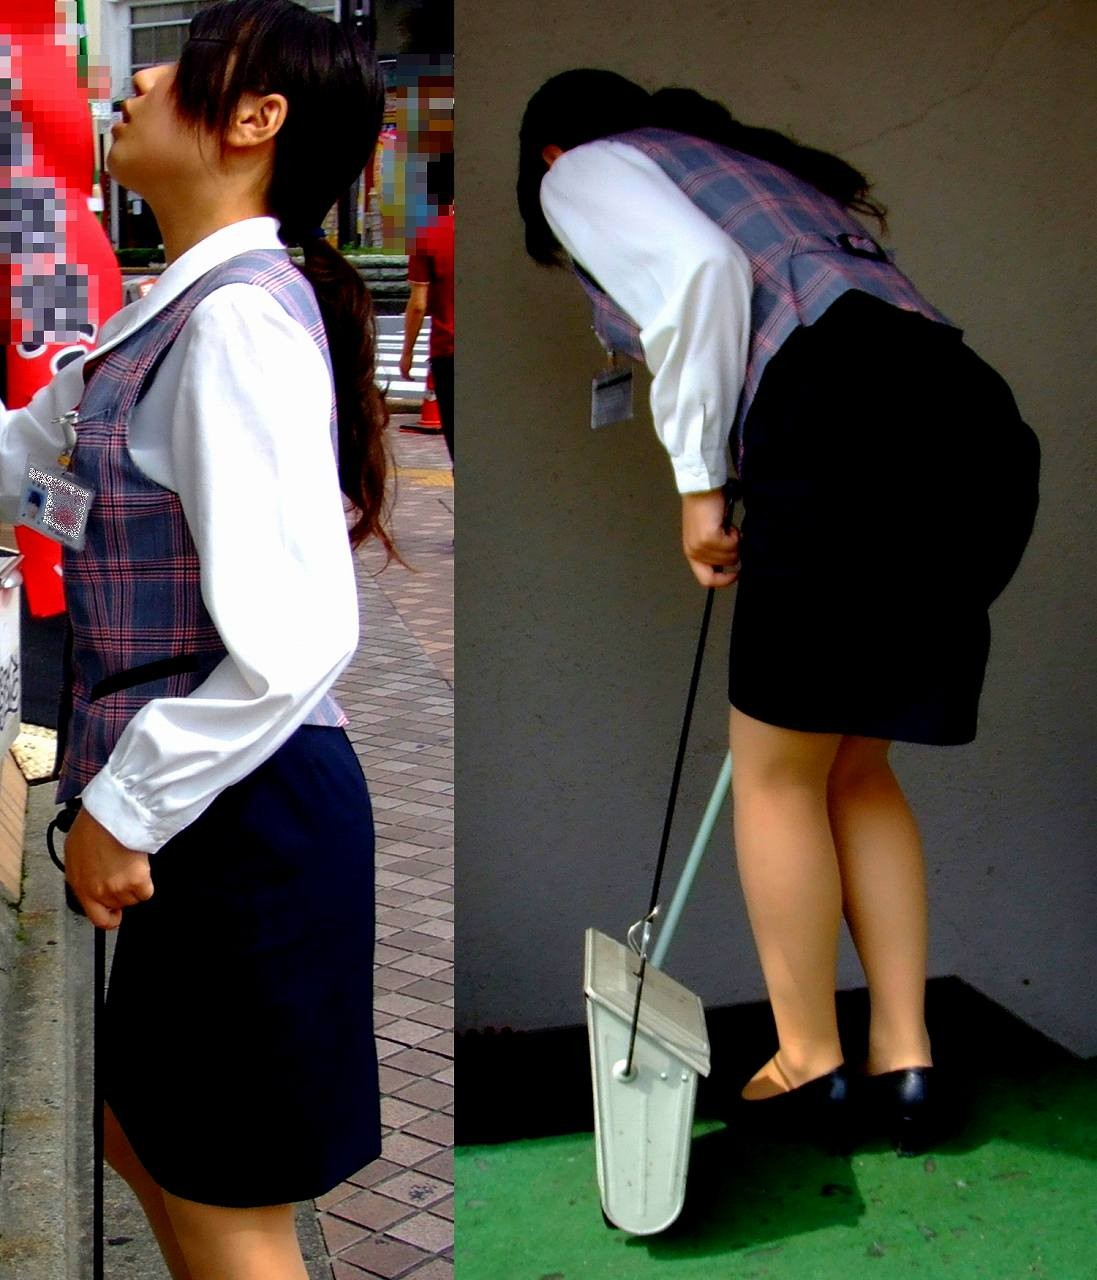 ふくらはぎフェチのタイトスカートOLエロ画像10枚目